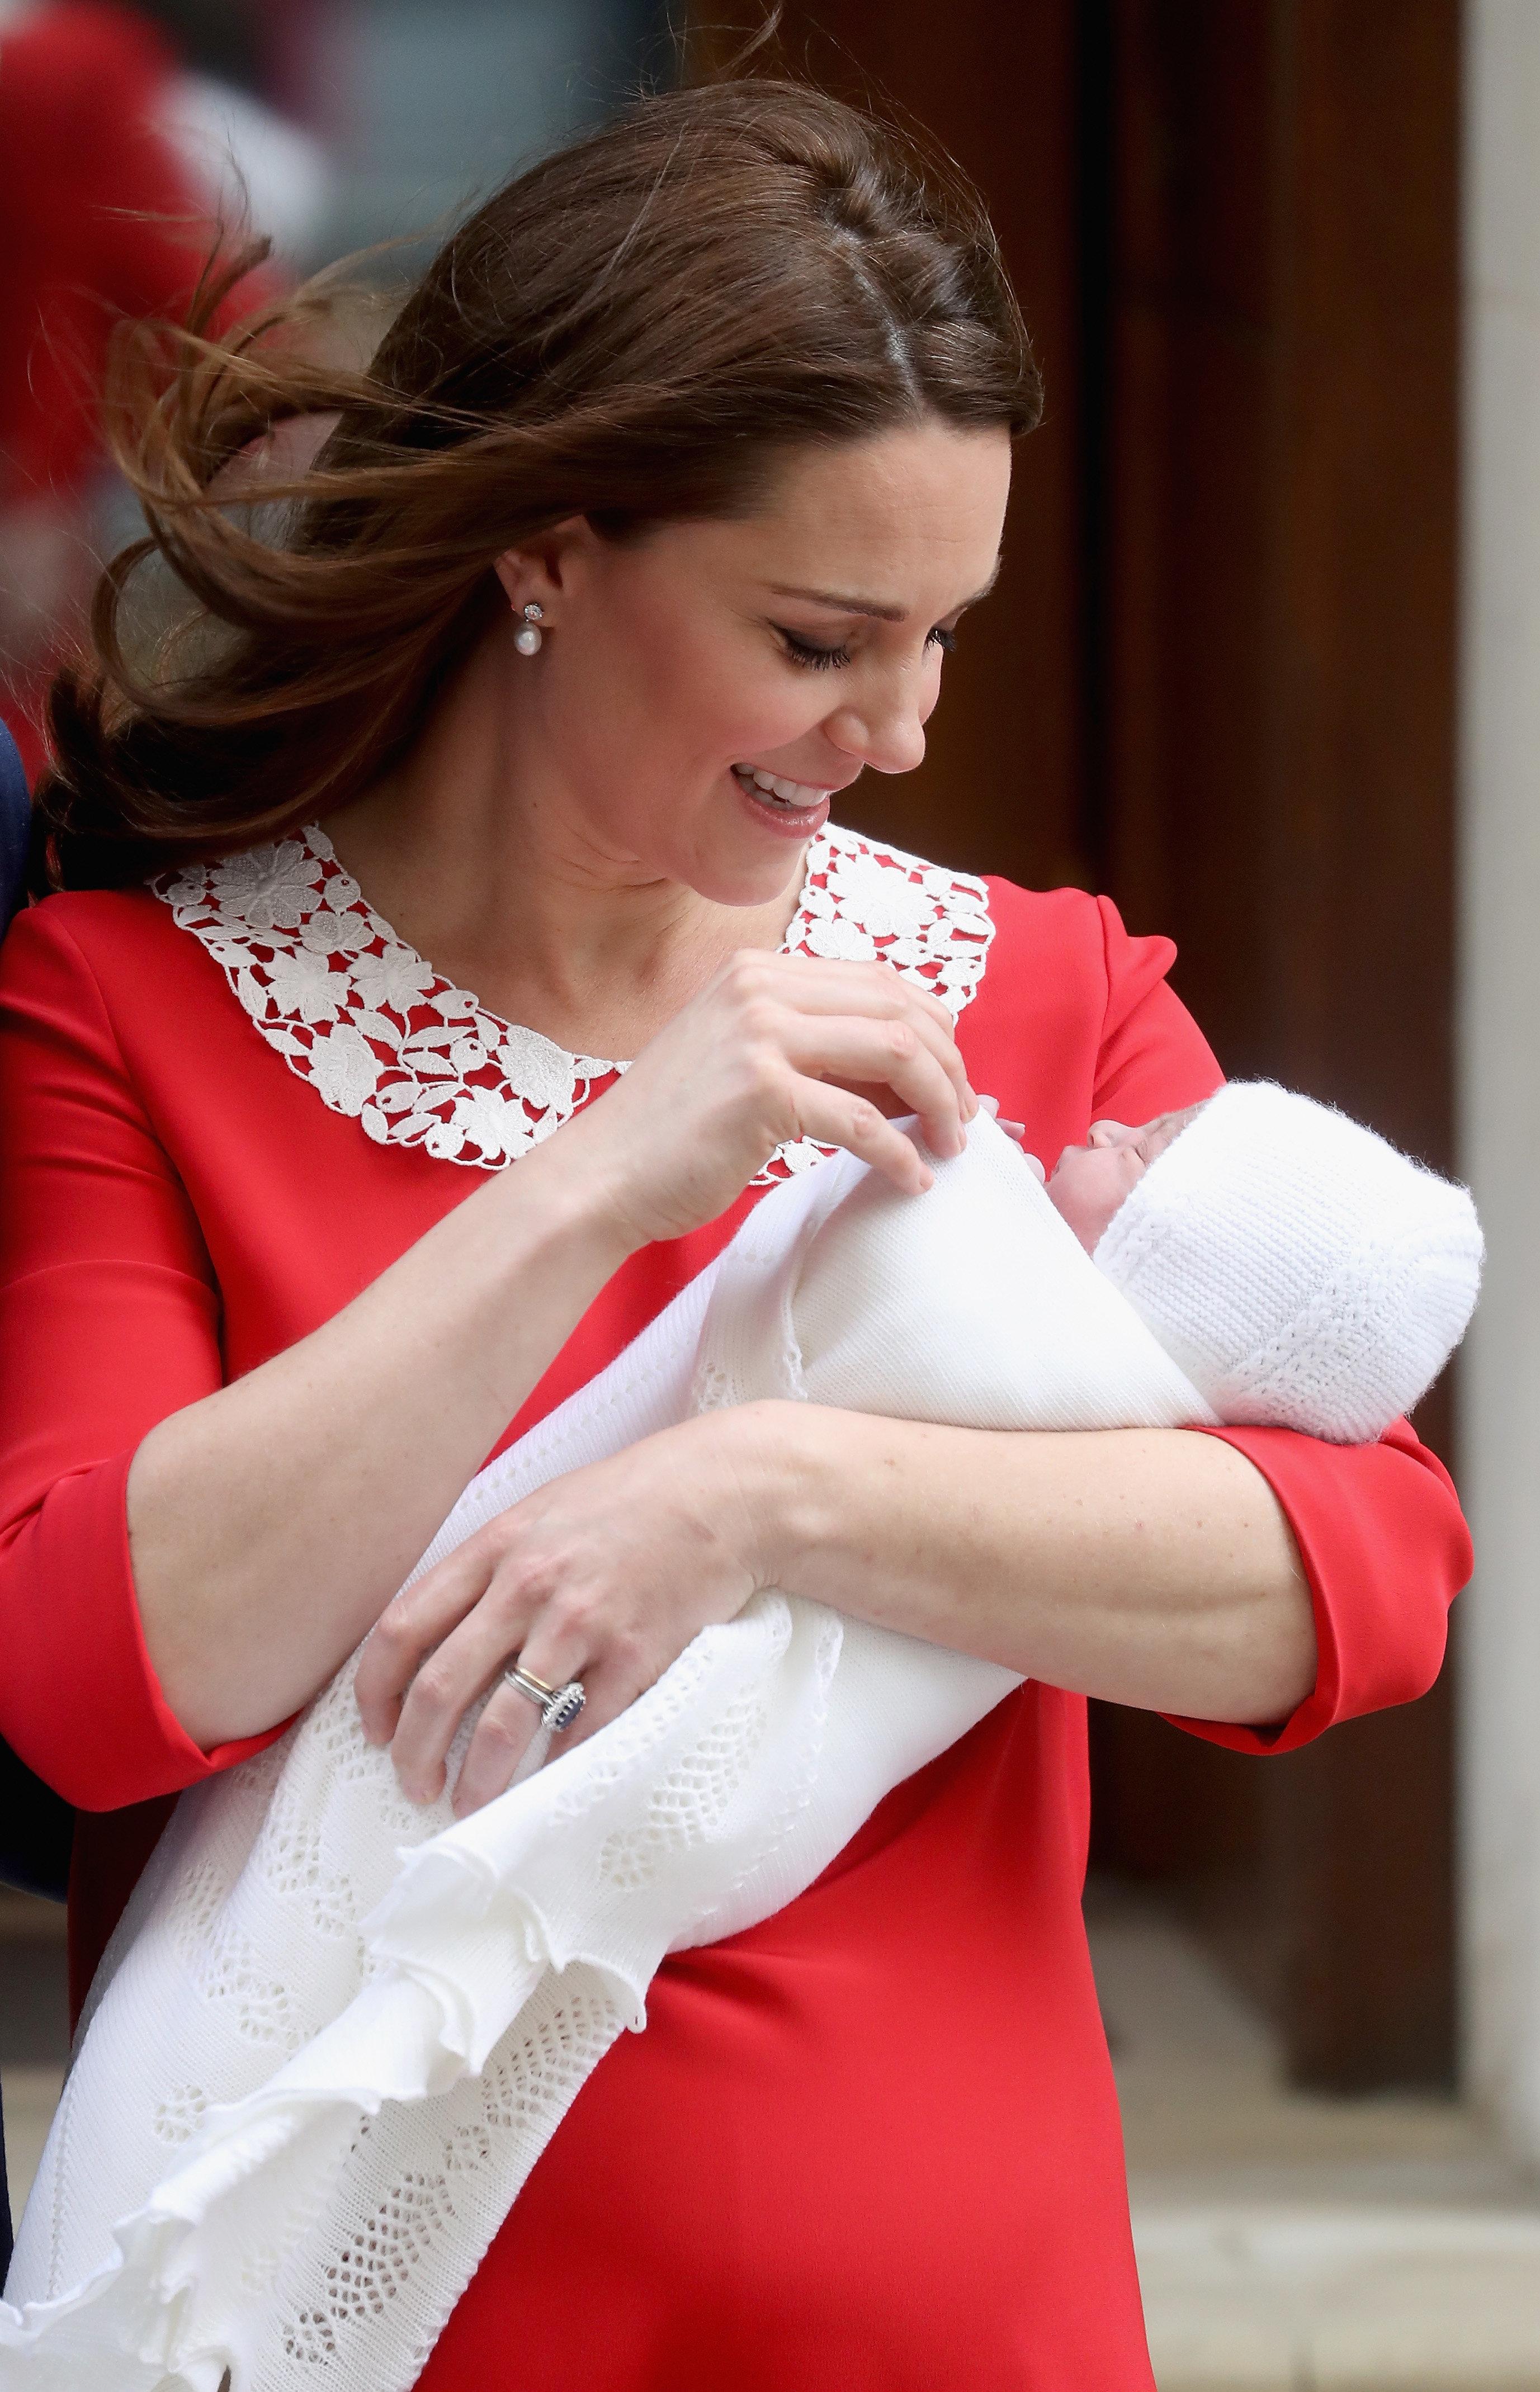 Kates Geburt zeigt einen wichtigen Unterschied zwischen Deutschland und